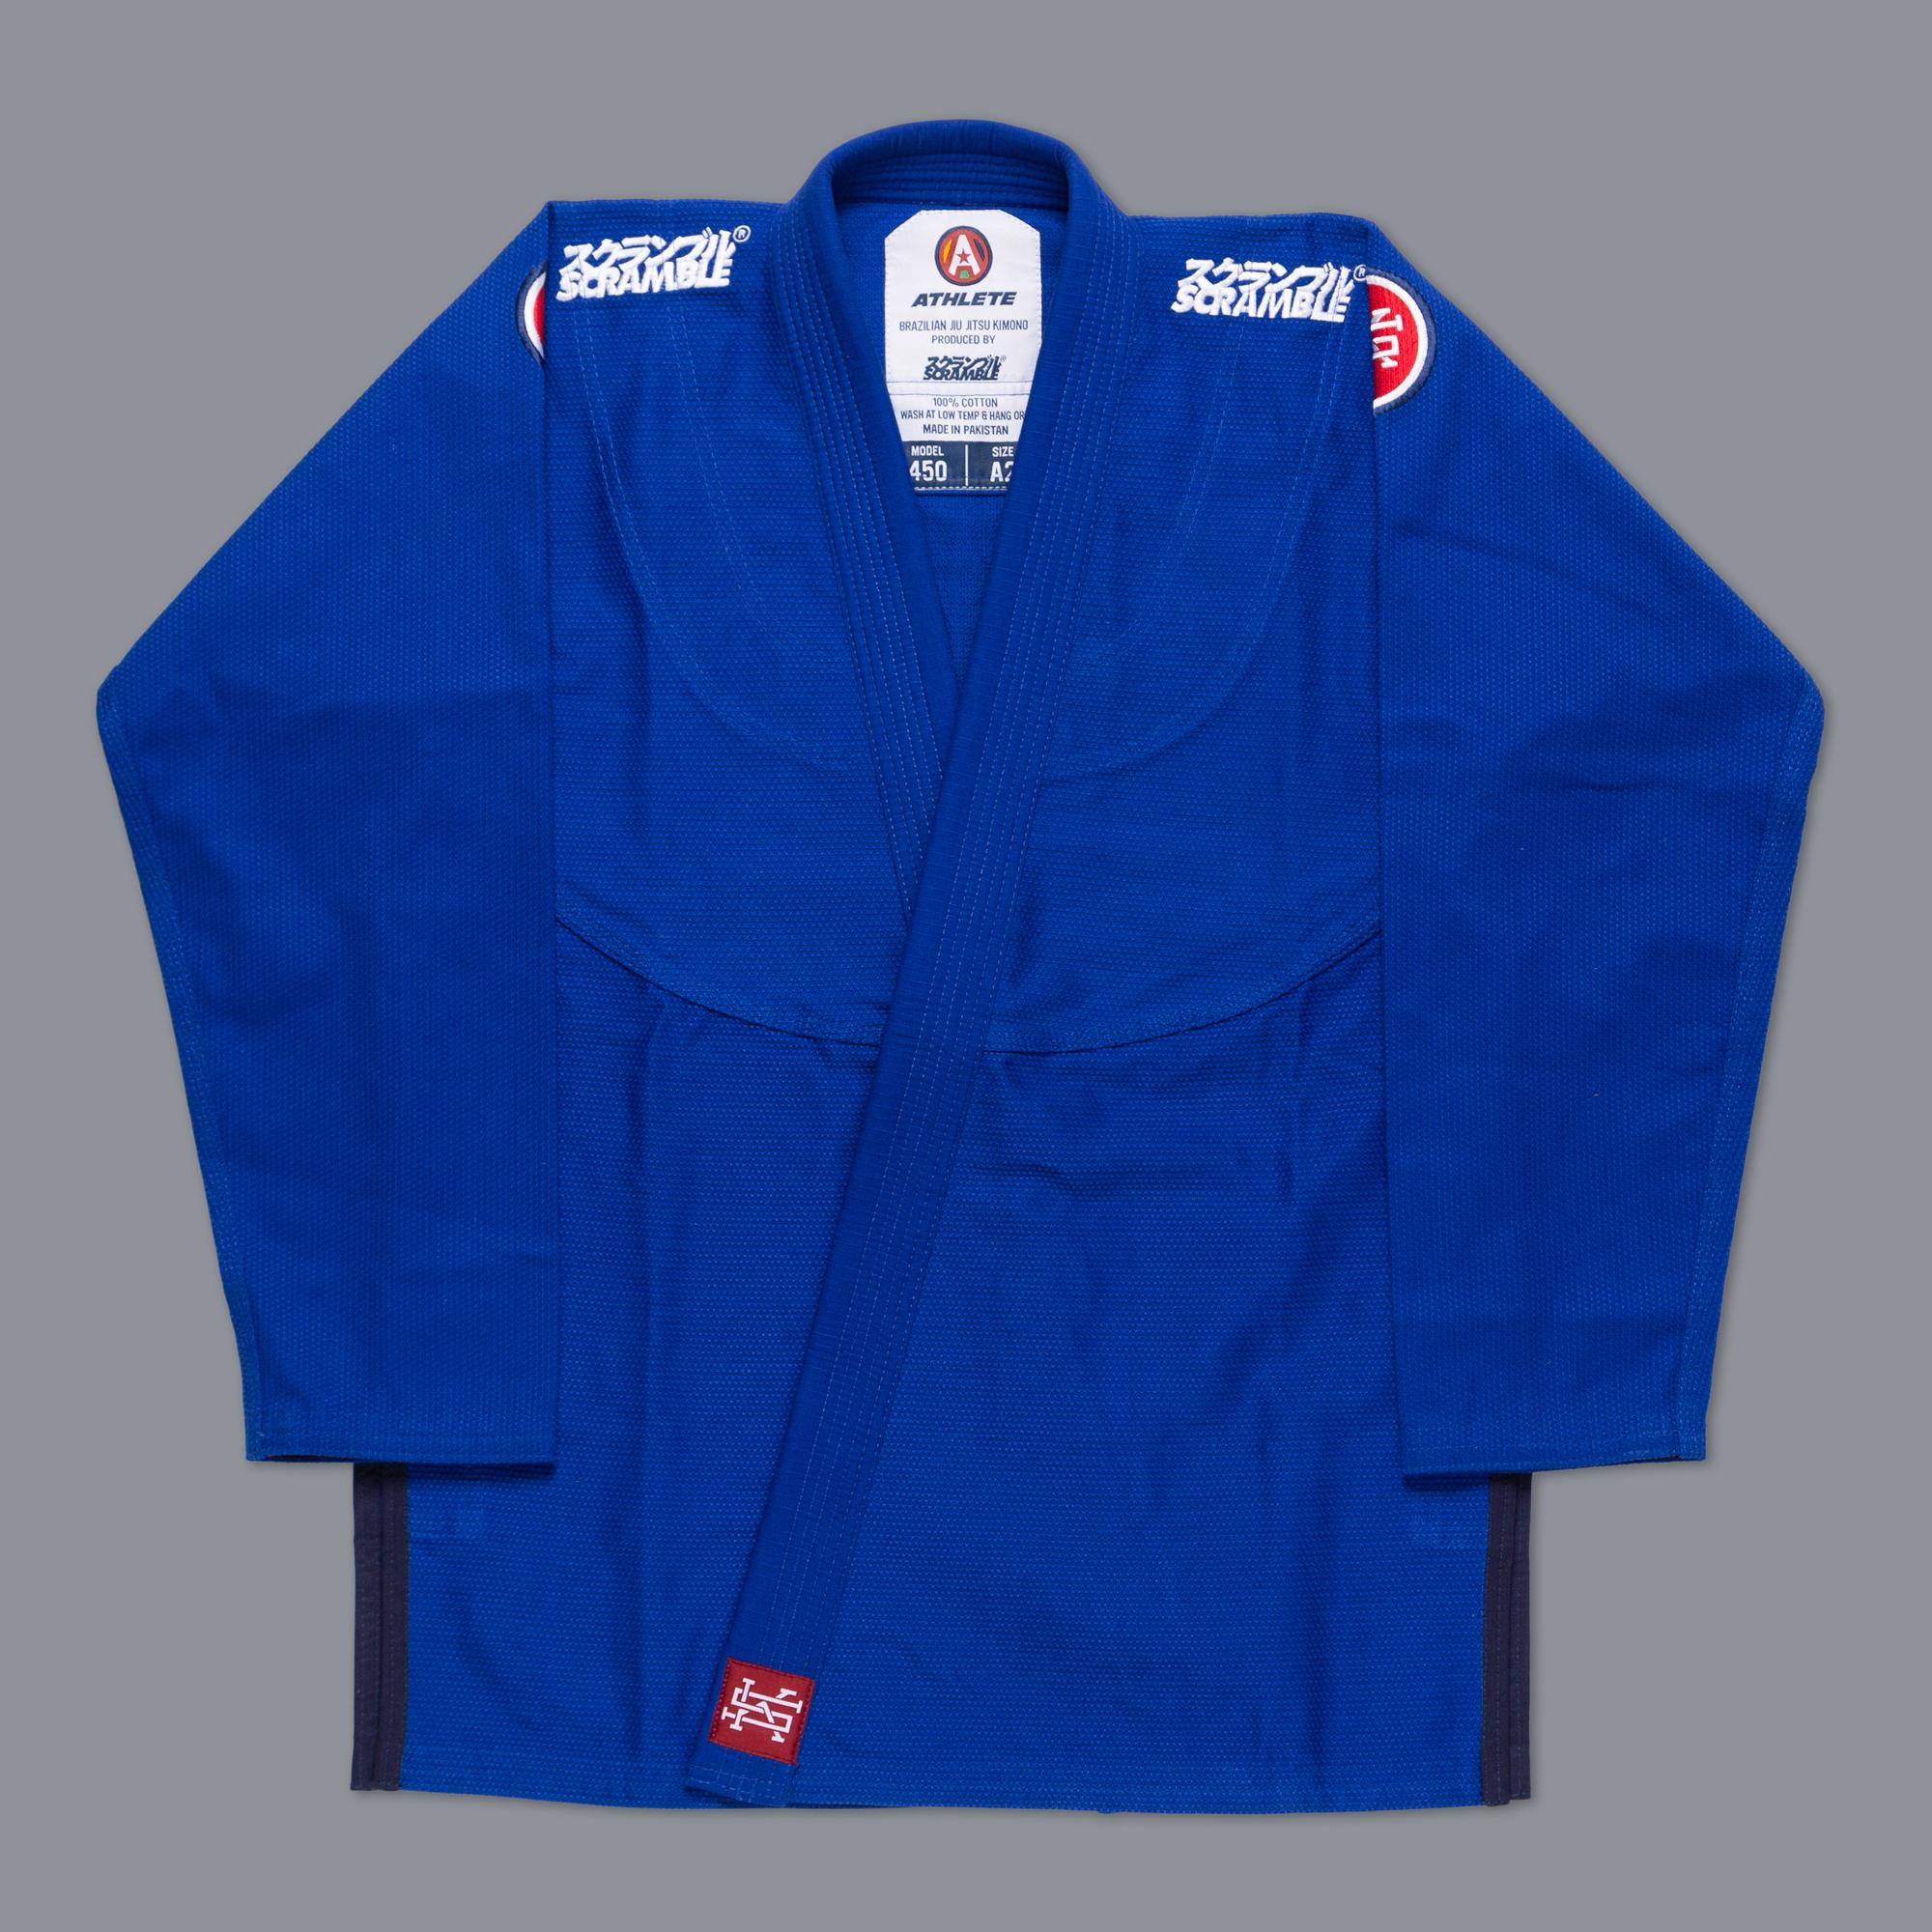 女性用 SCRAMBLE ATHLETE 4: 450(女性用カット / ブルー、青) 女性用ブラジリアン柔術衣